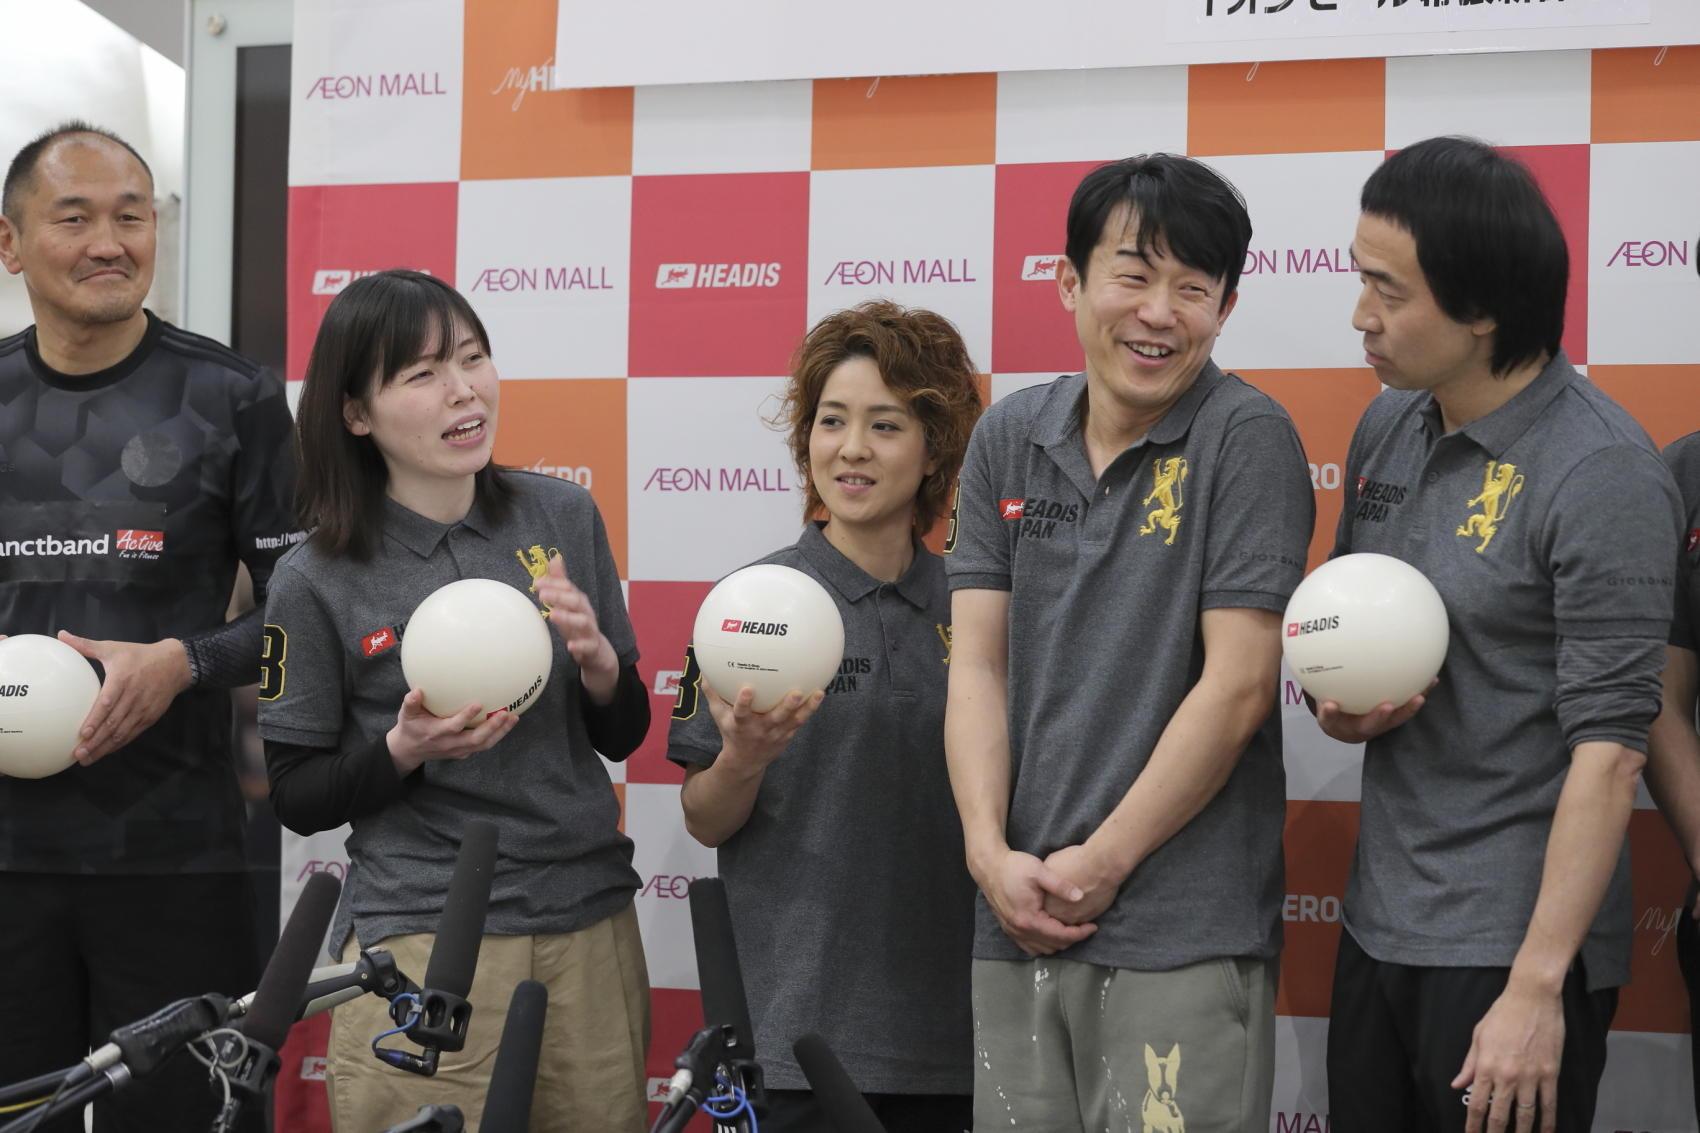 http://news.yoshimoto.co.jp/20180220173936-188cae2bf515c734b8a515ded486a0229f78ebae.jpg